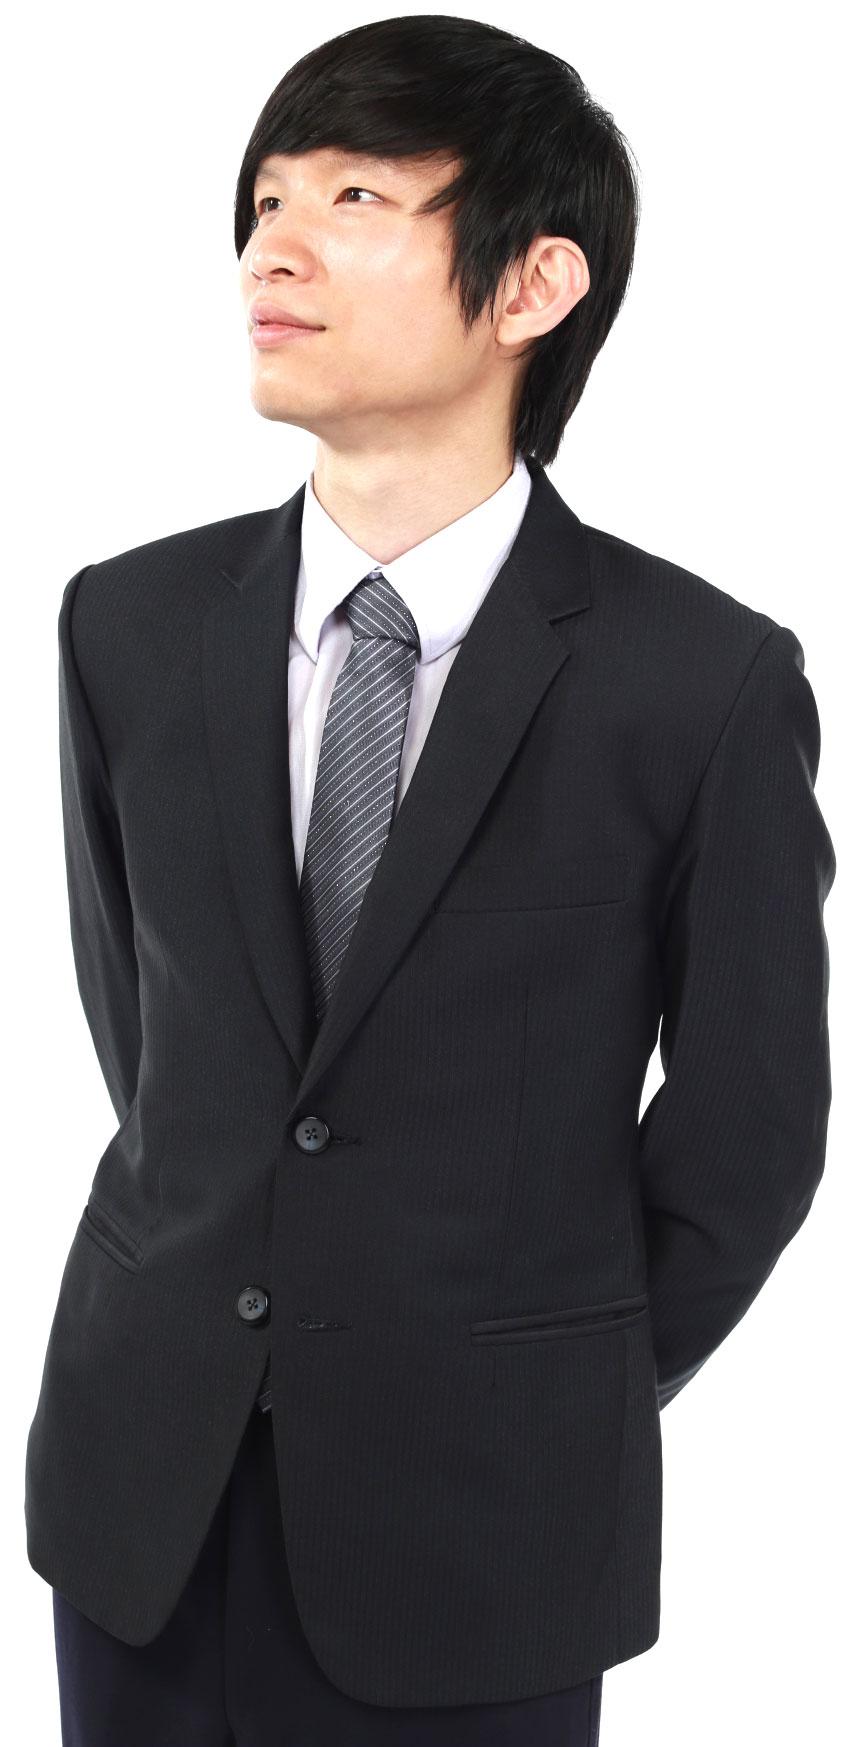 劉俊宏總裁 CEO 執行長 創辦人 創始者 John Liu Godzilla 劉吉拉